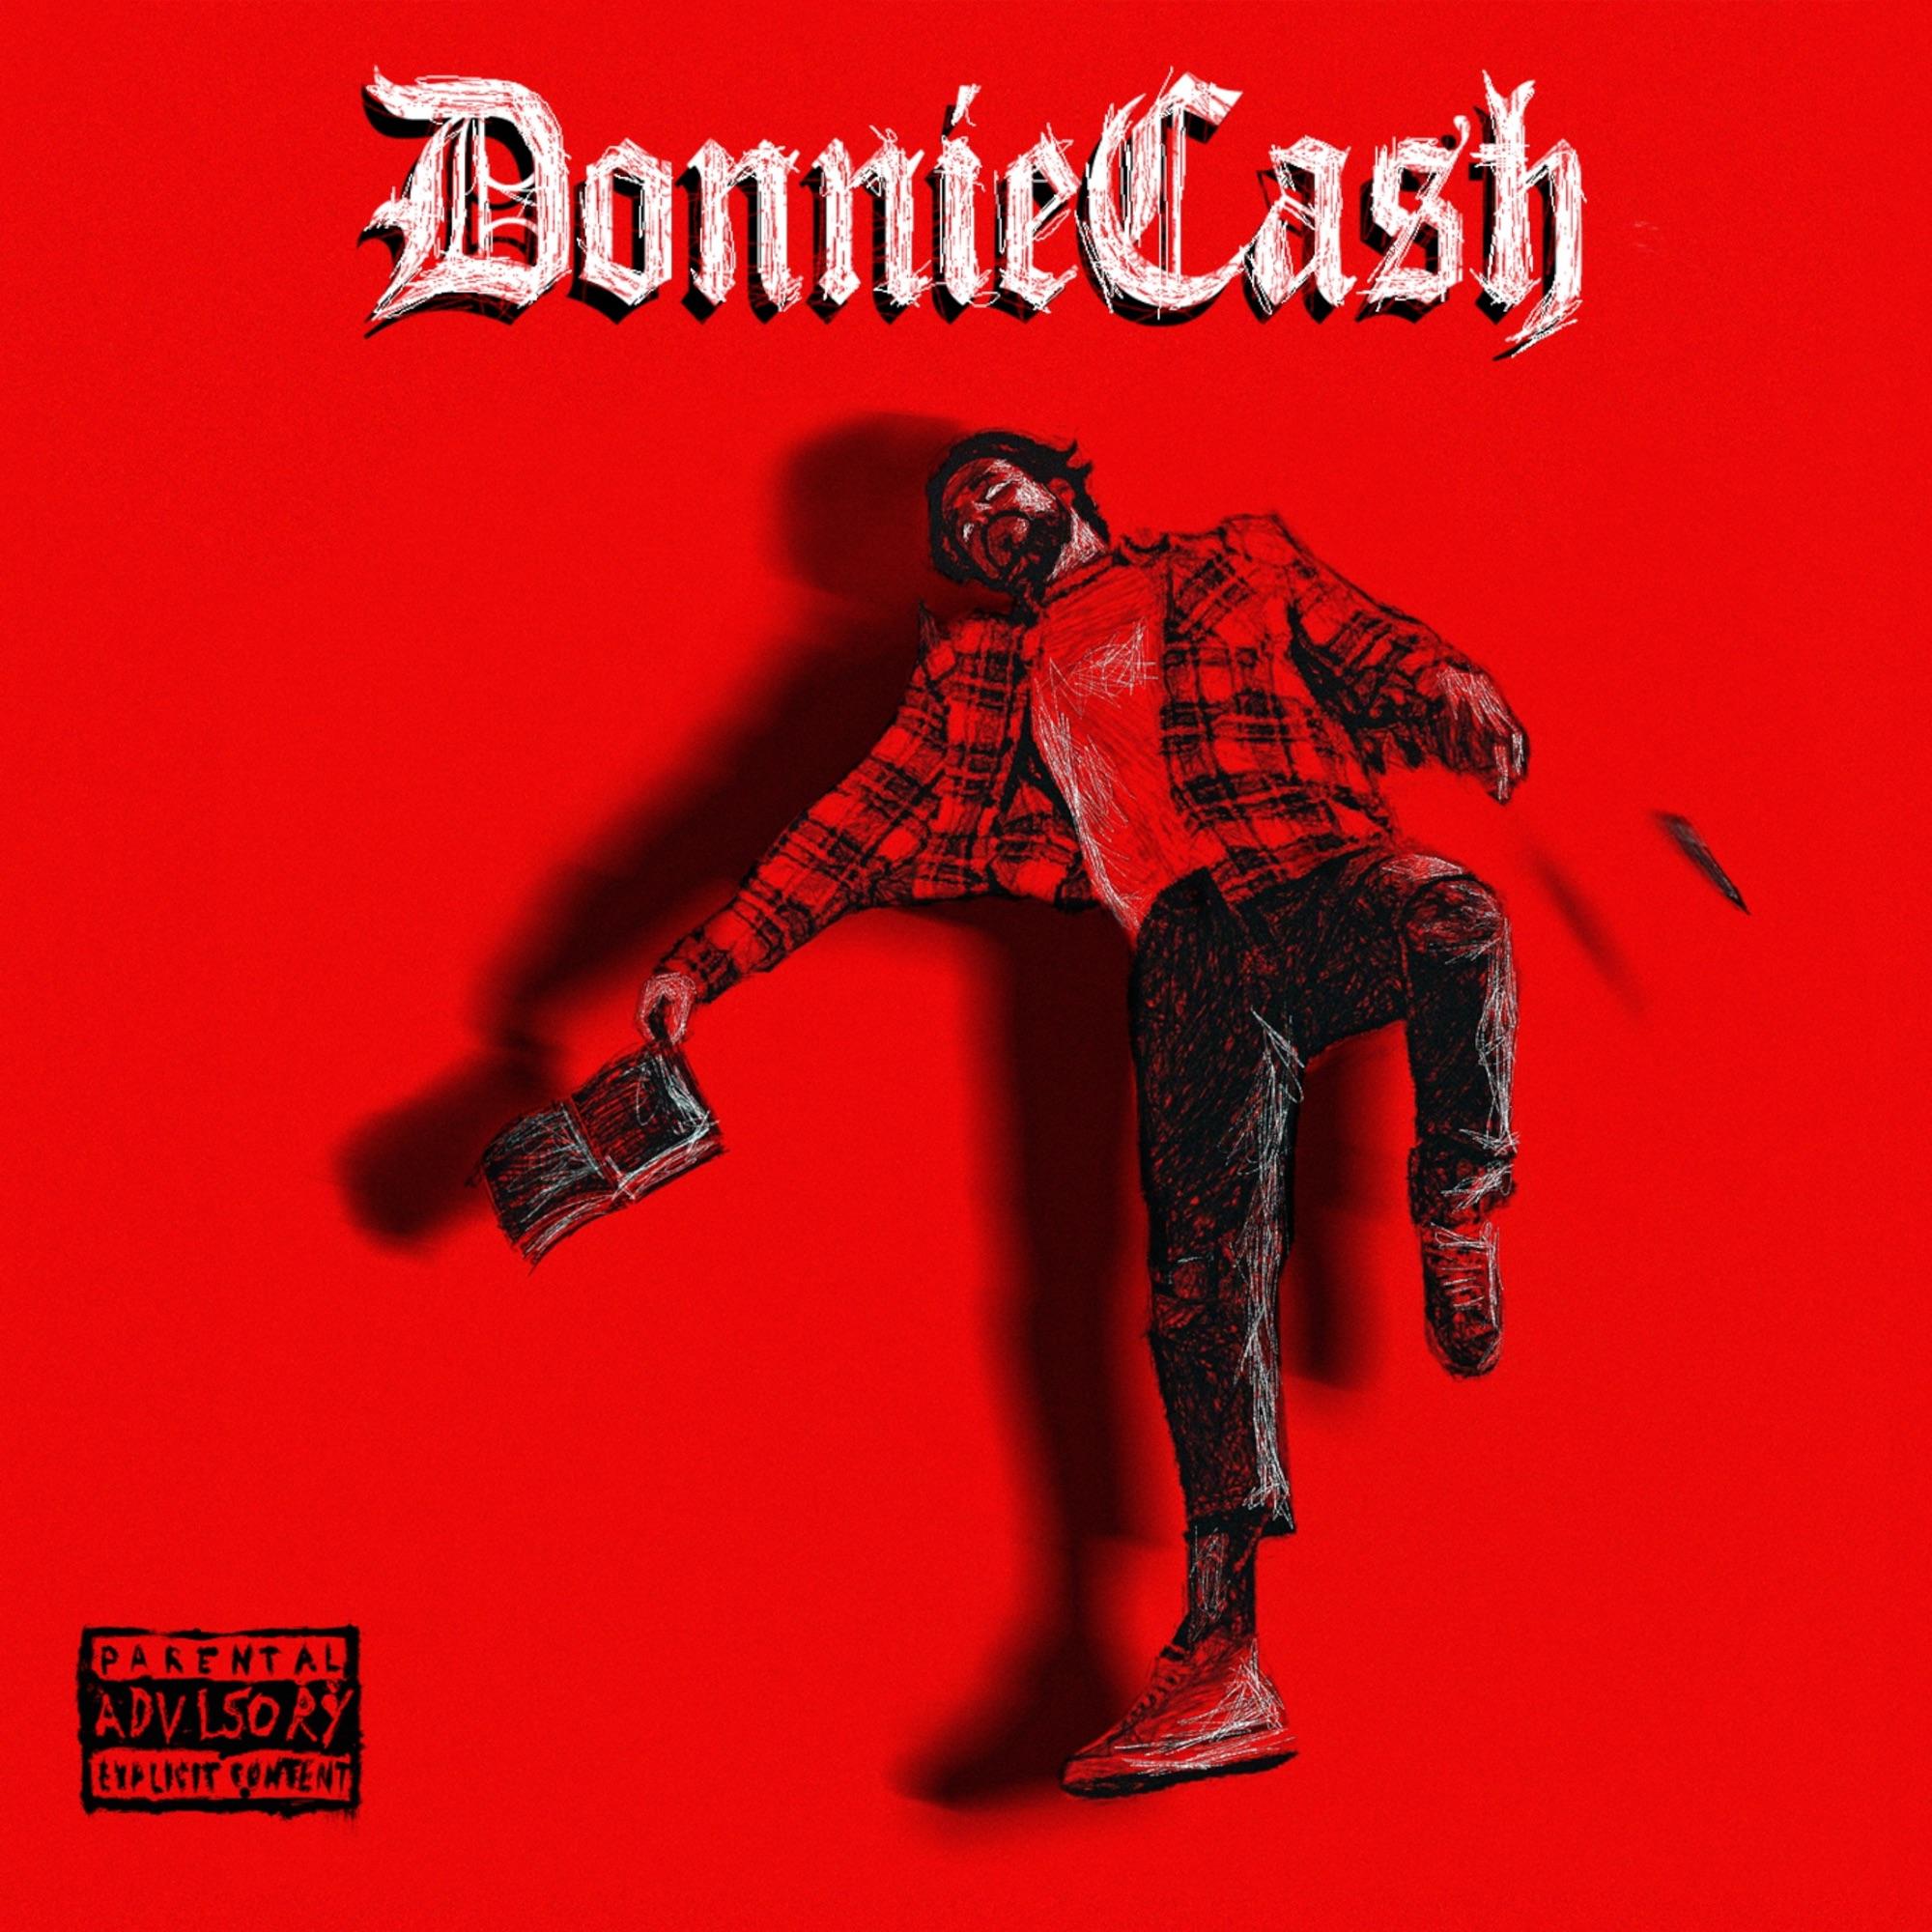 Donnie Cash